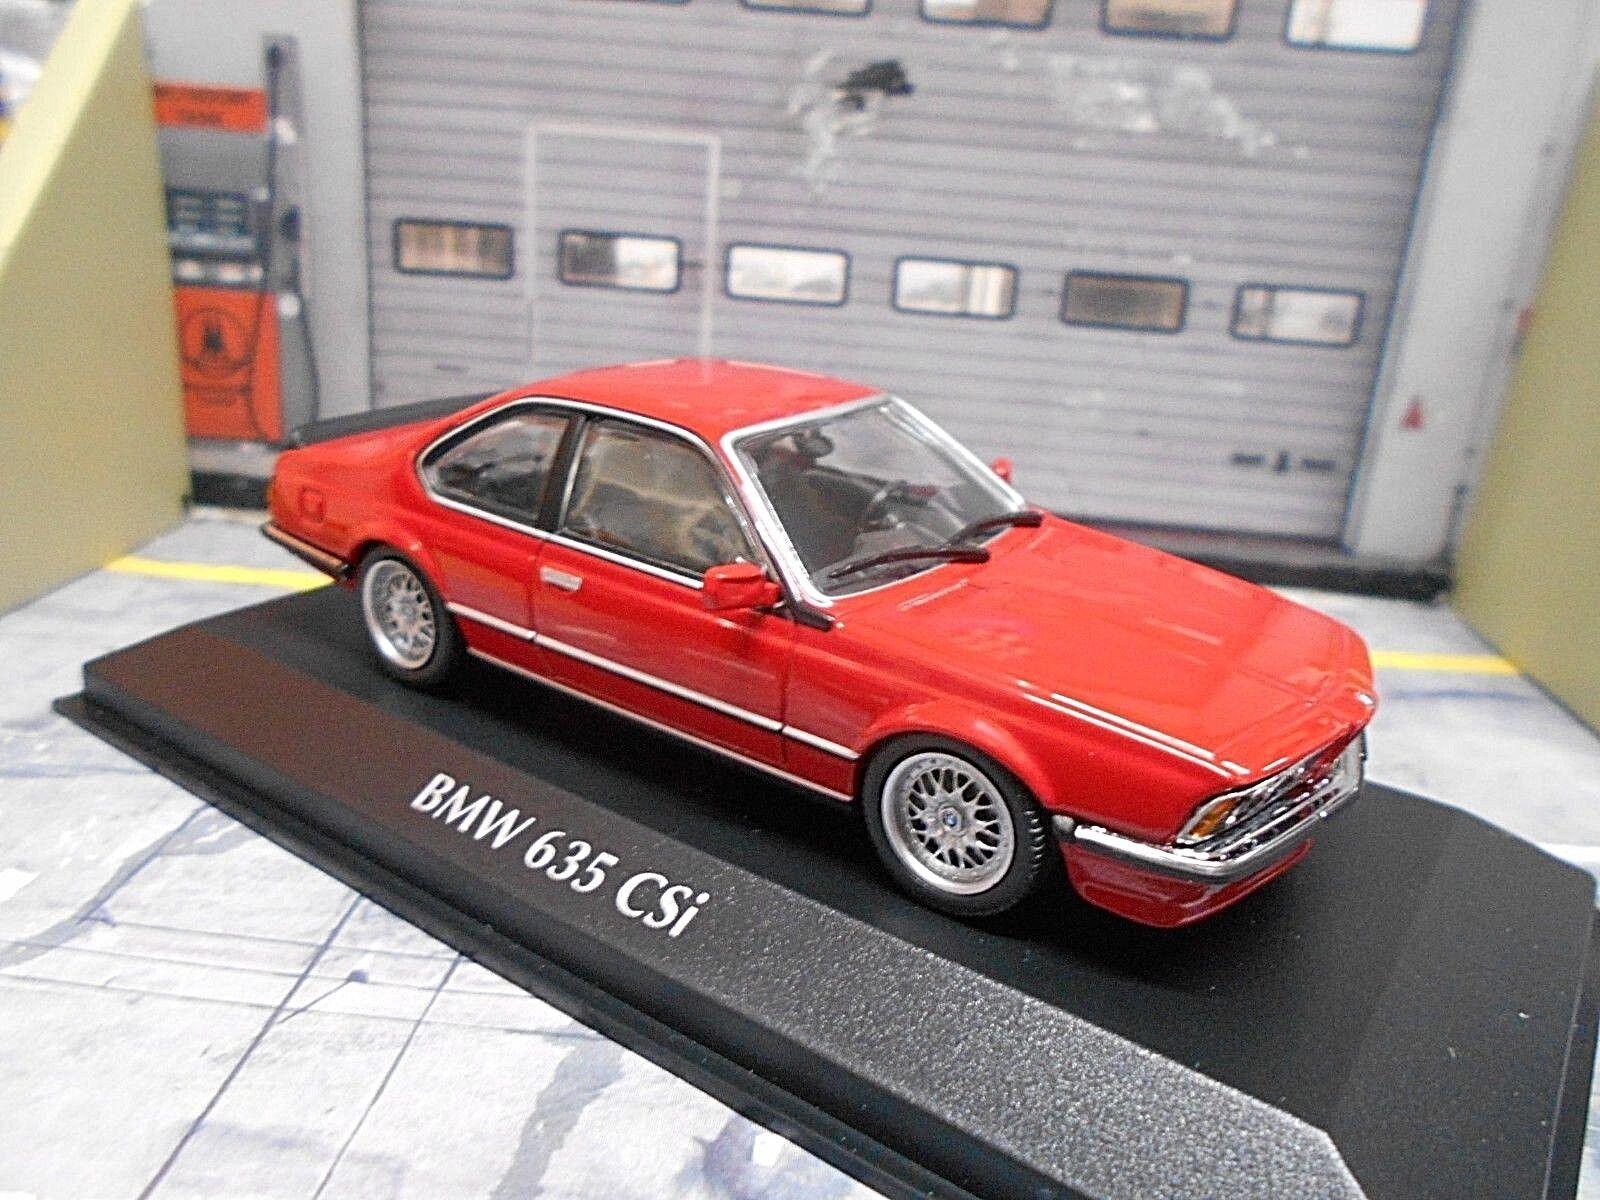 BMW 6er Série Coupe CSI 635 635csi e24 rouge Rouge 1982 nouveau MINICHAMPS 1 43